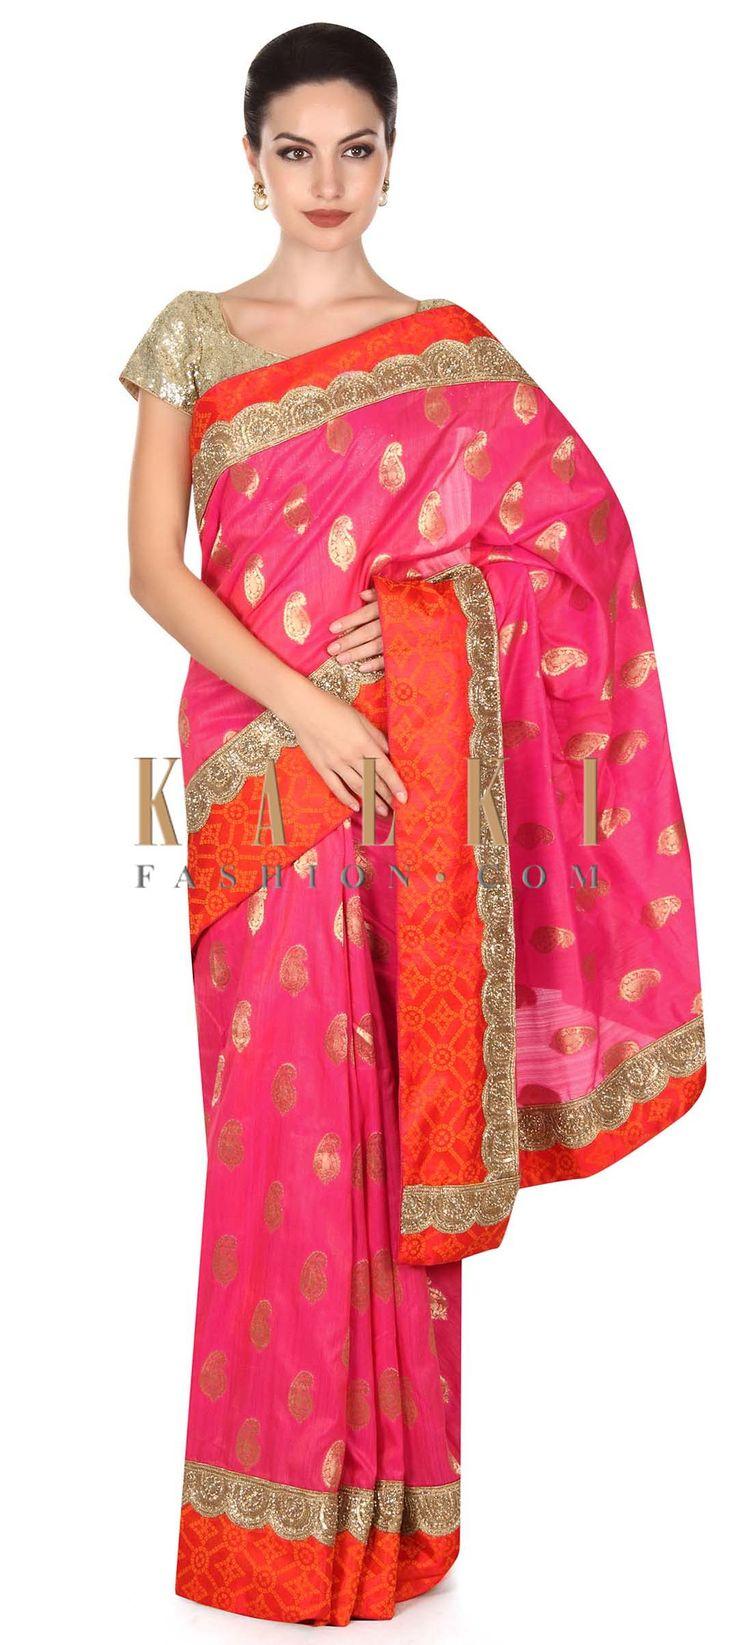 Buy this Pink saree adorn in orange bandhani printed border only on Kalki